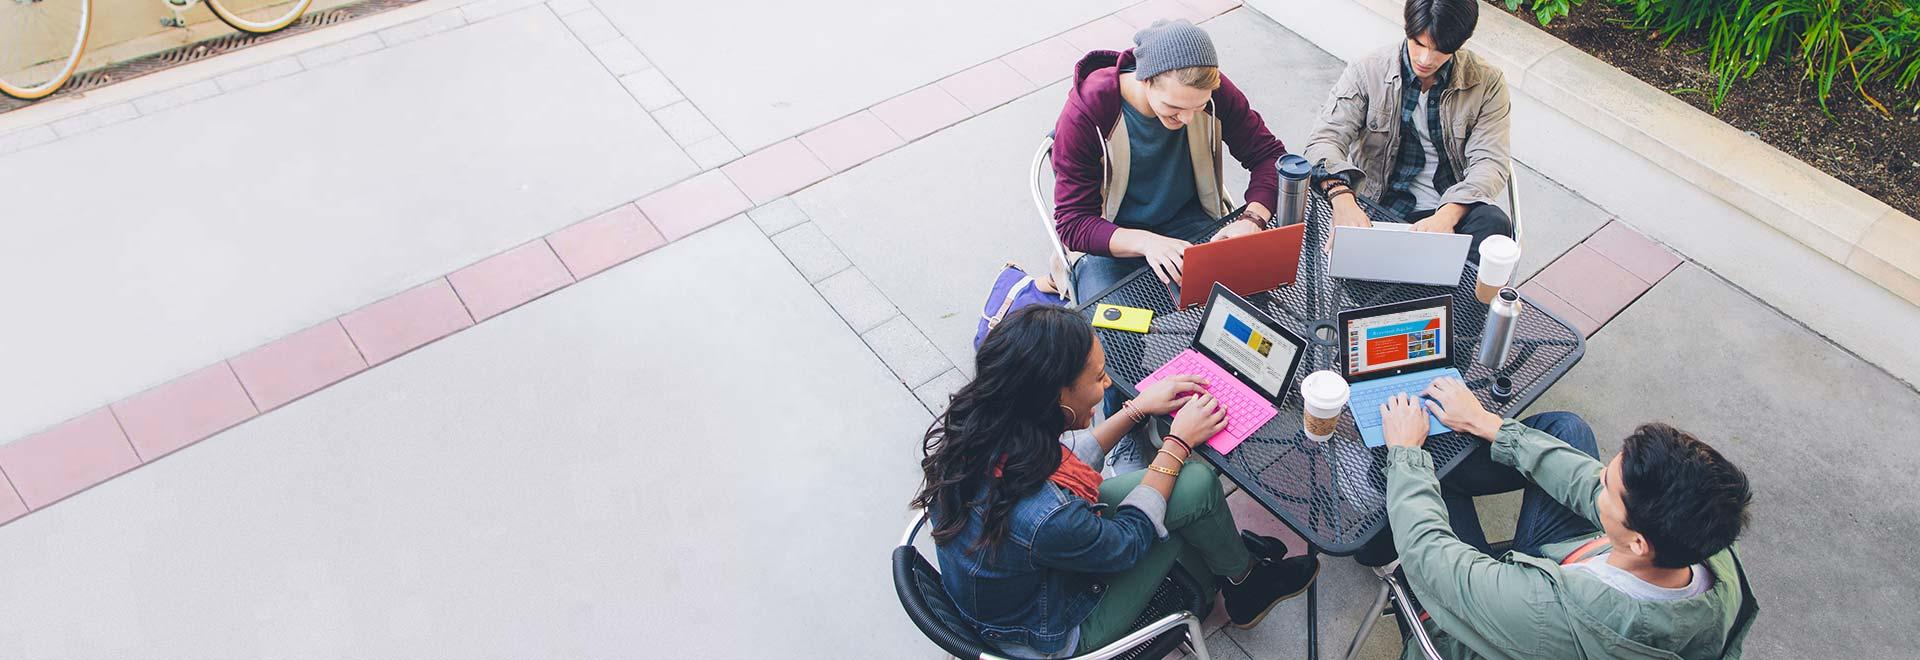 Четверо учащихся сидят за столом на улице и работают с Office365 для образования на планшетах.